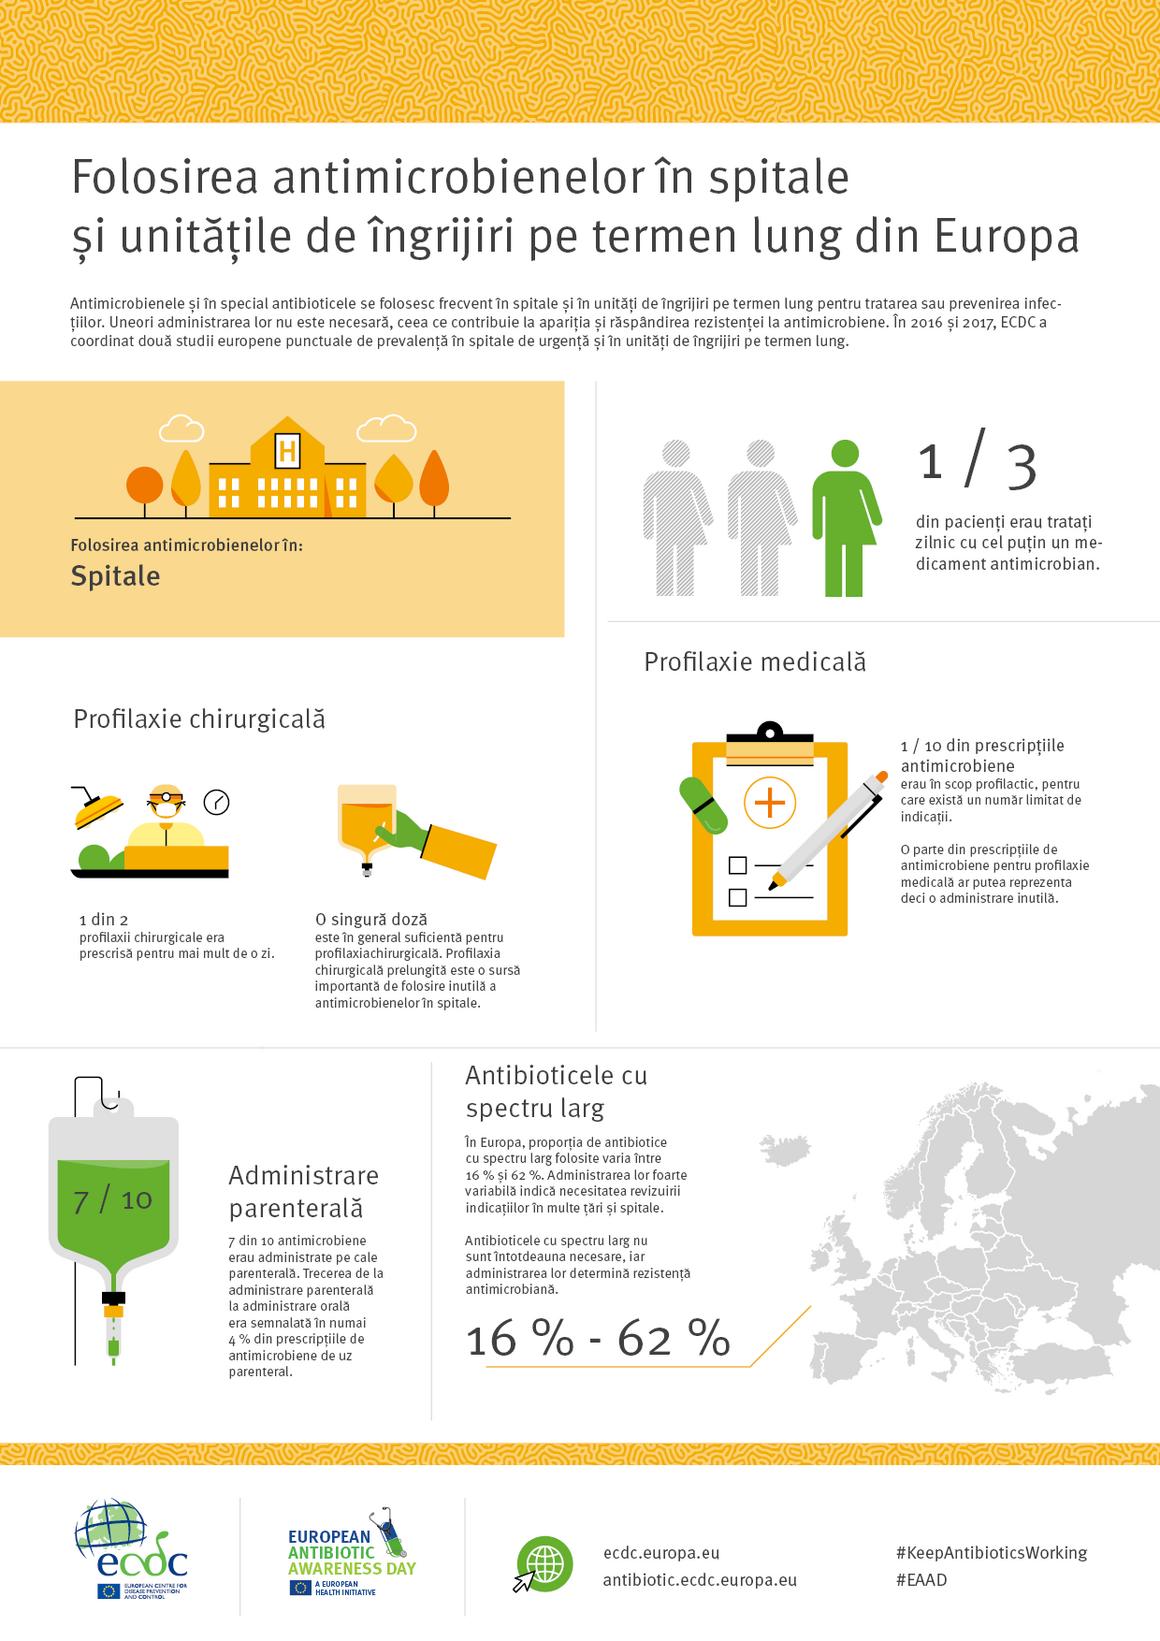 Folosirea antimicrobienelor în spitale și unitățile de îngrijiri pe termen lung din Europa